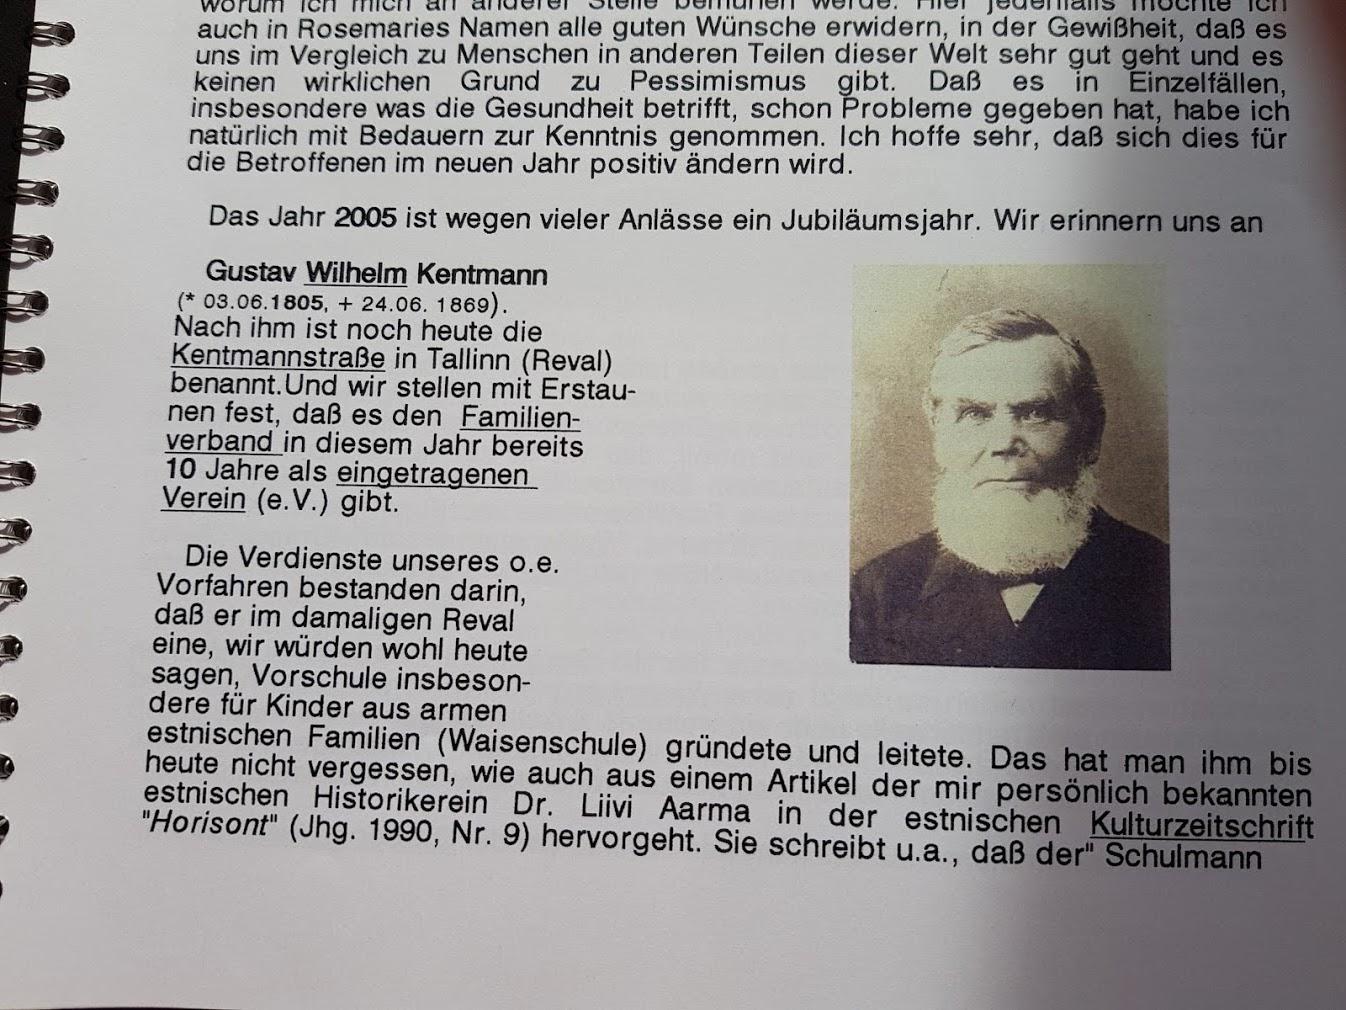 Orte, Vorfahren, Geschichte von der Kentmann Familie 2.